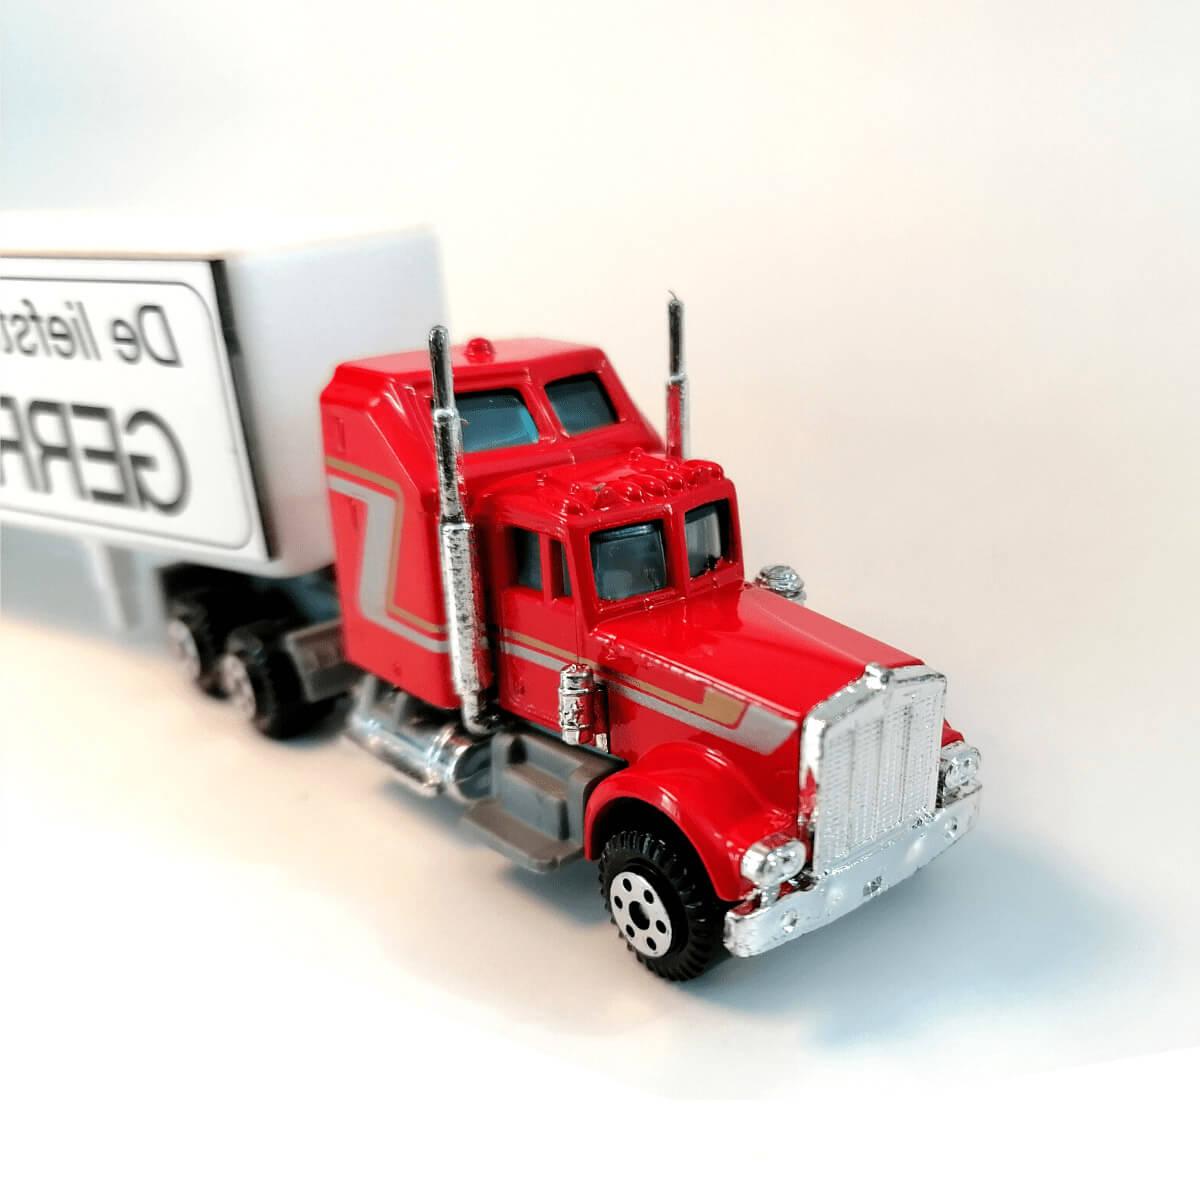 Personaliseer deze vrachtwagen met jouw tekst en naam